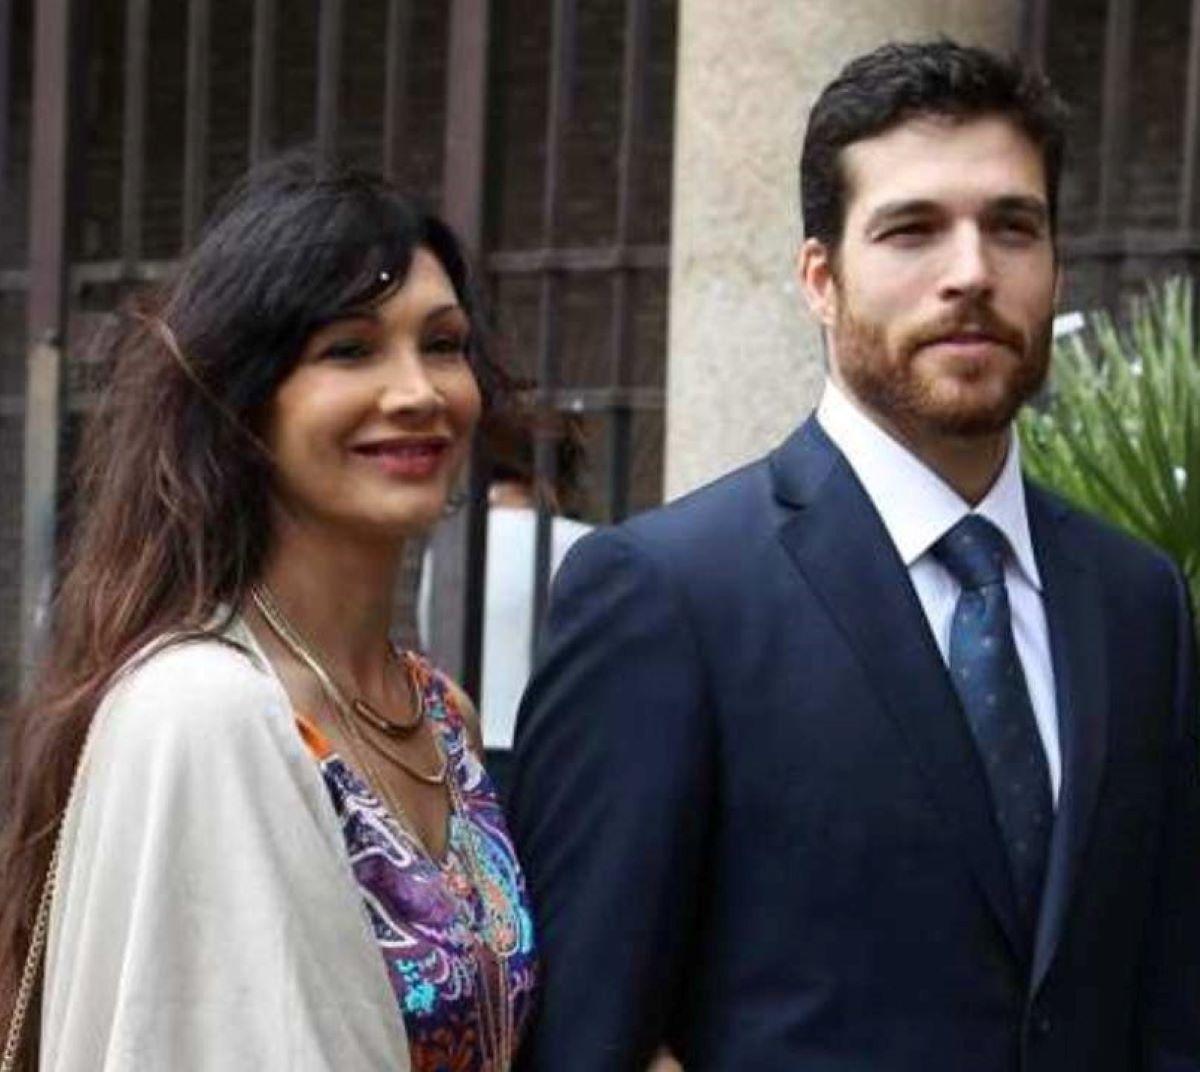 Luisa Corna dopo setti anni d'amore con Stefano Giovino arrivano le nozze